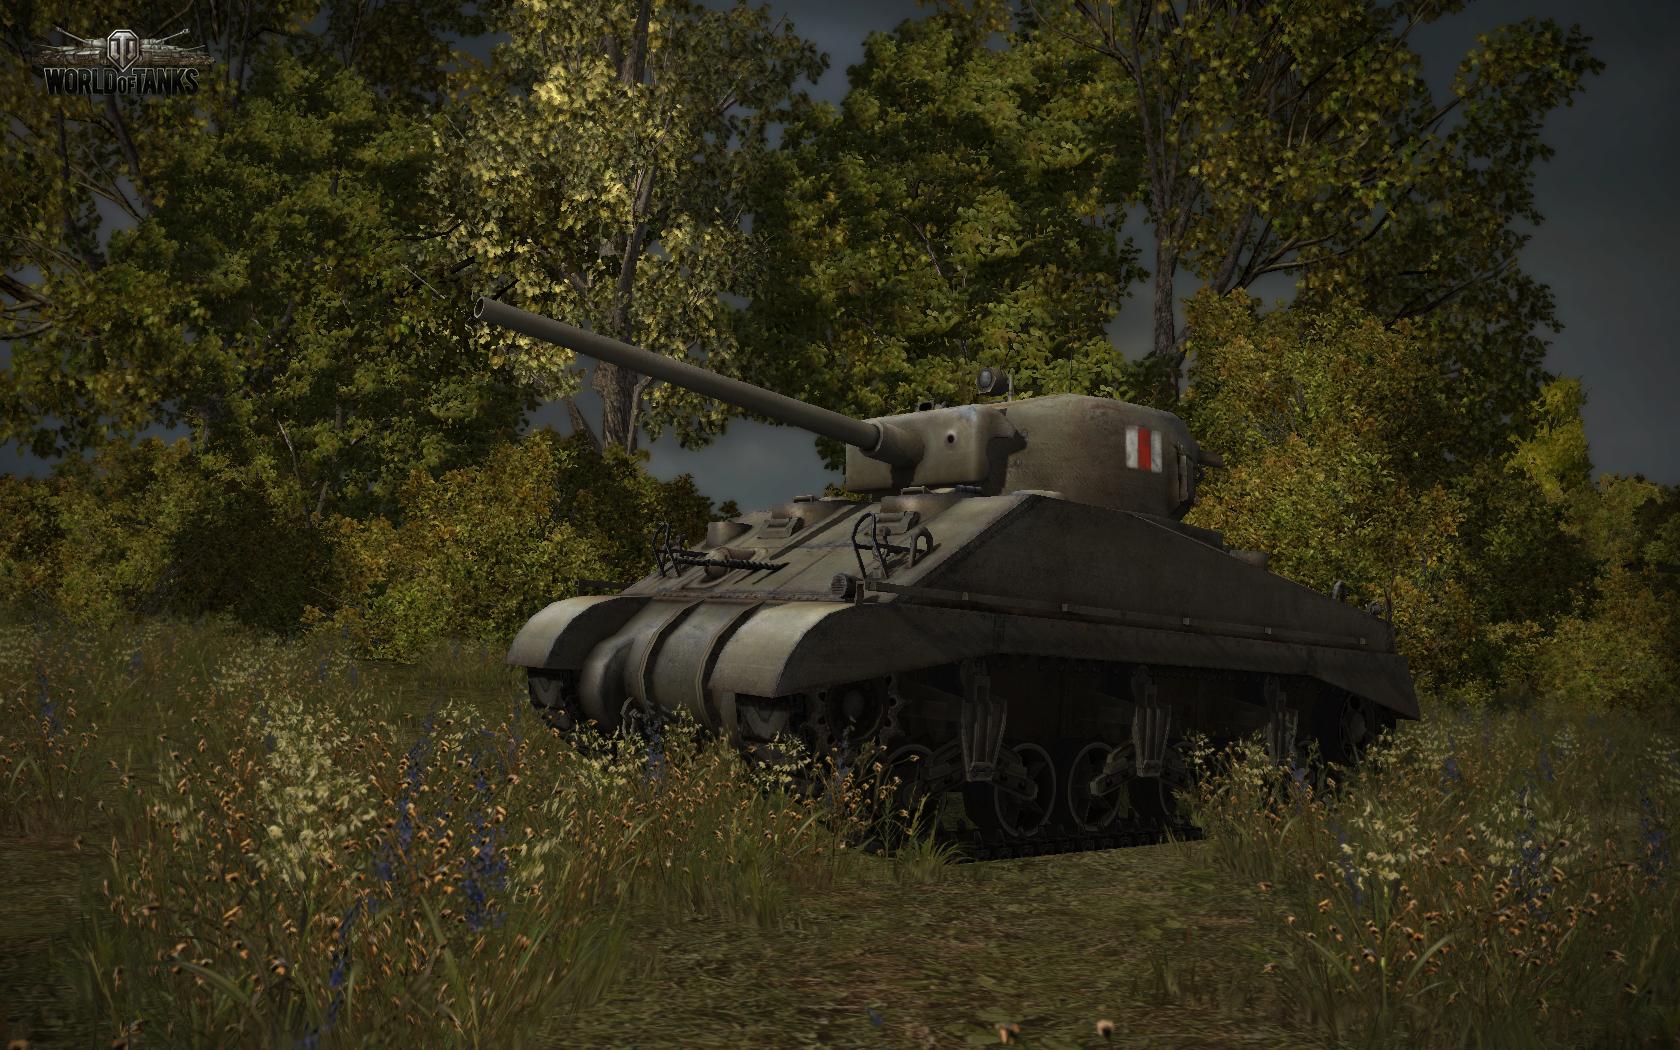 Sherman III